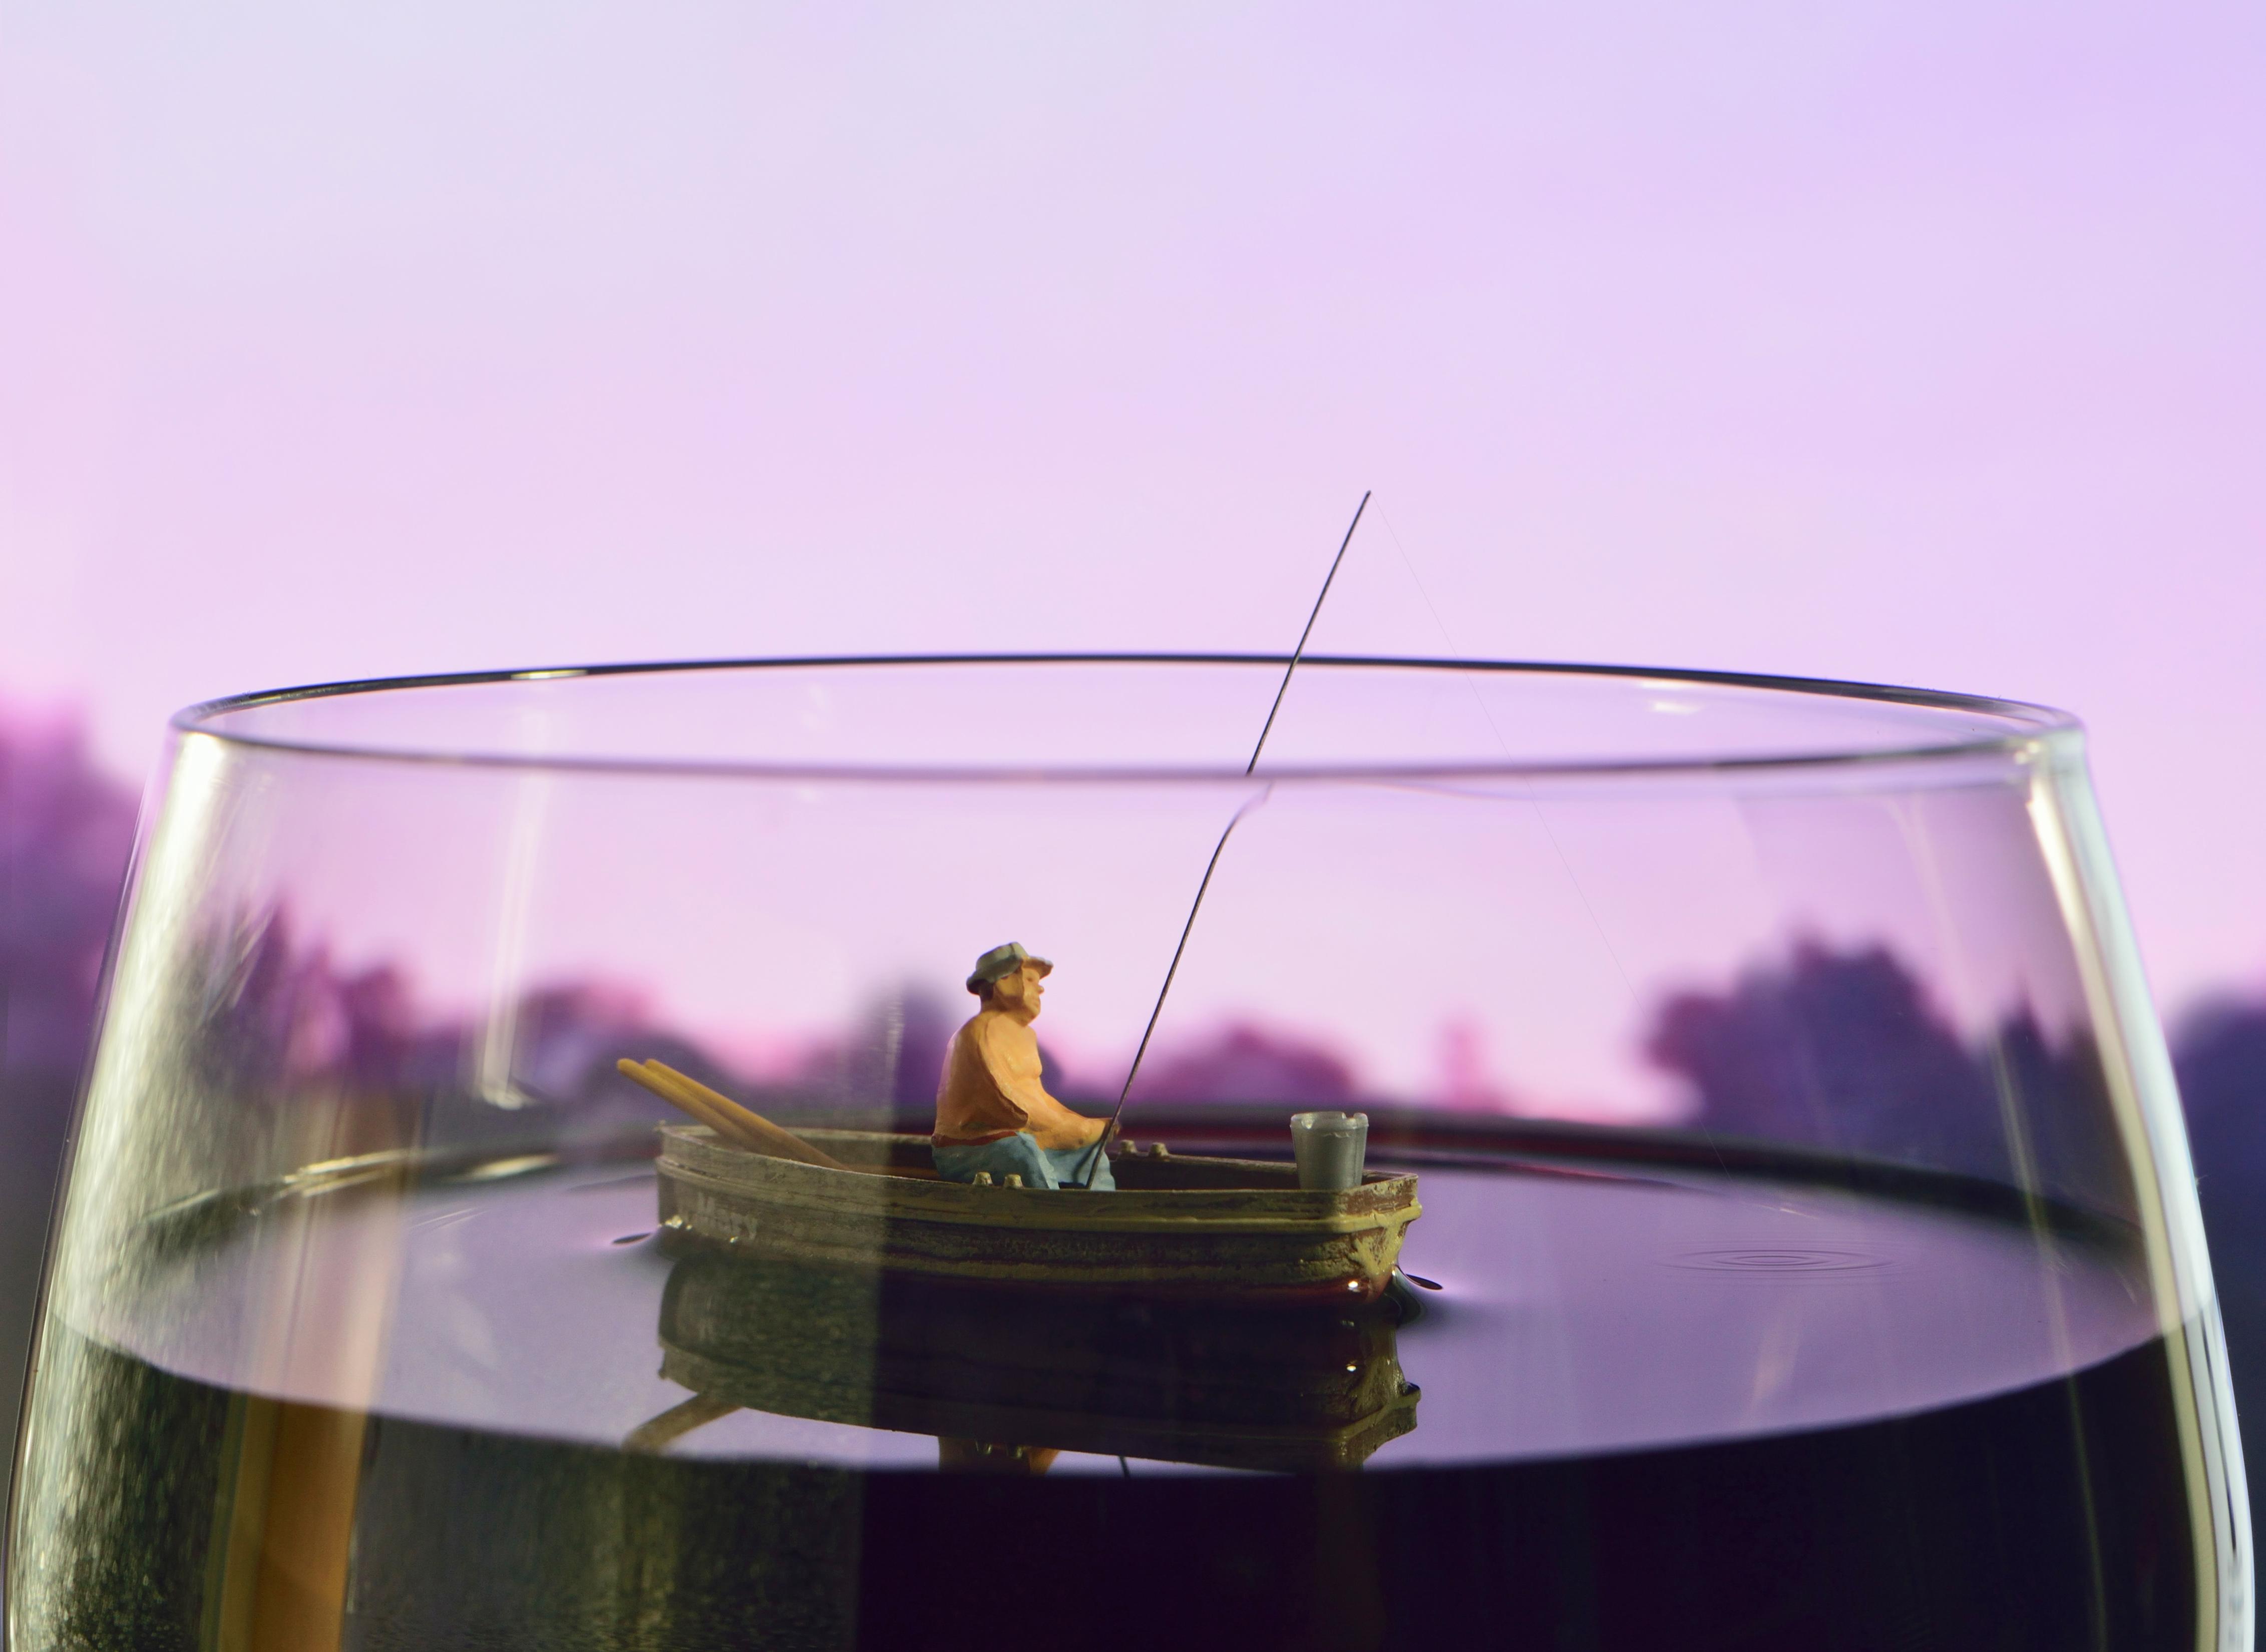 BCV_carden_wine_boat_35x48